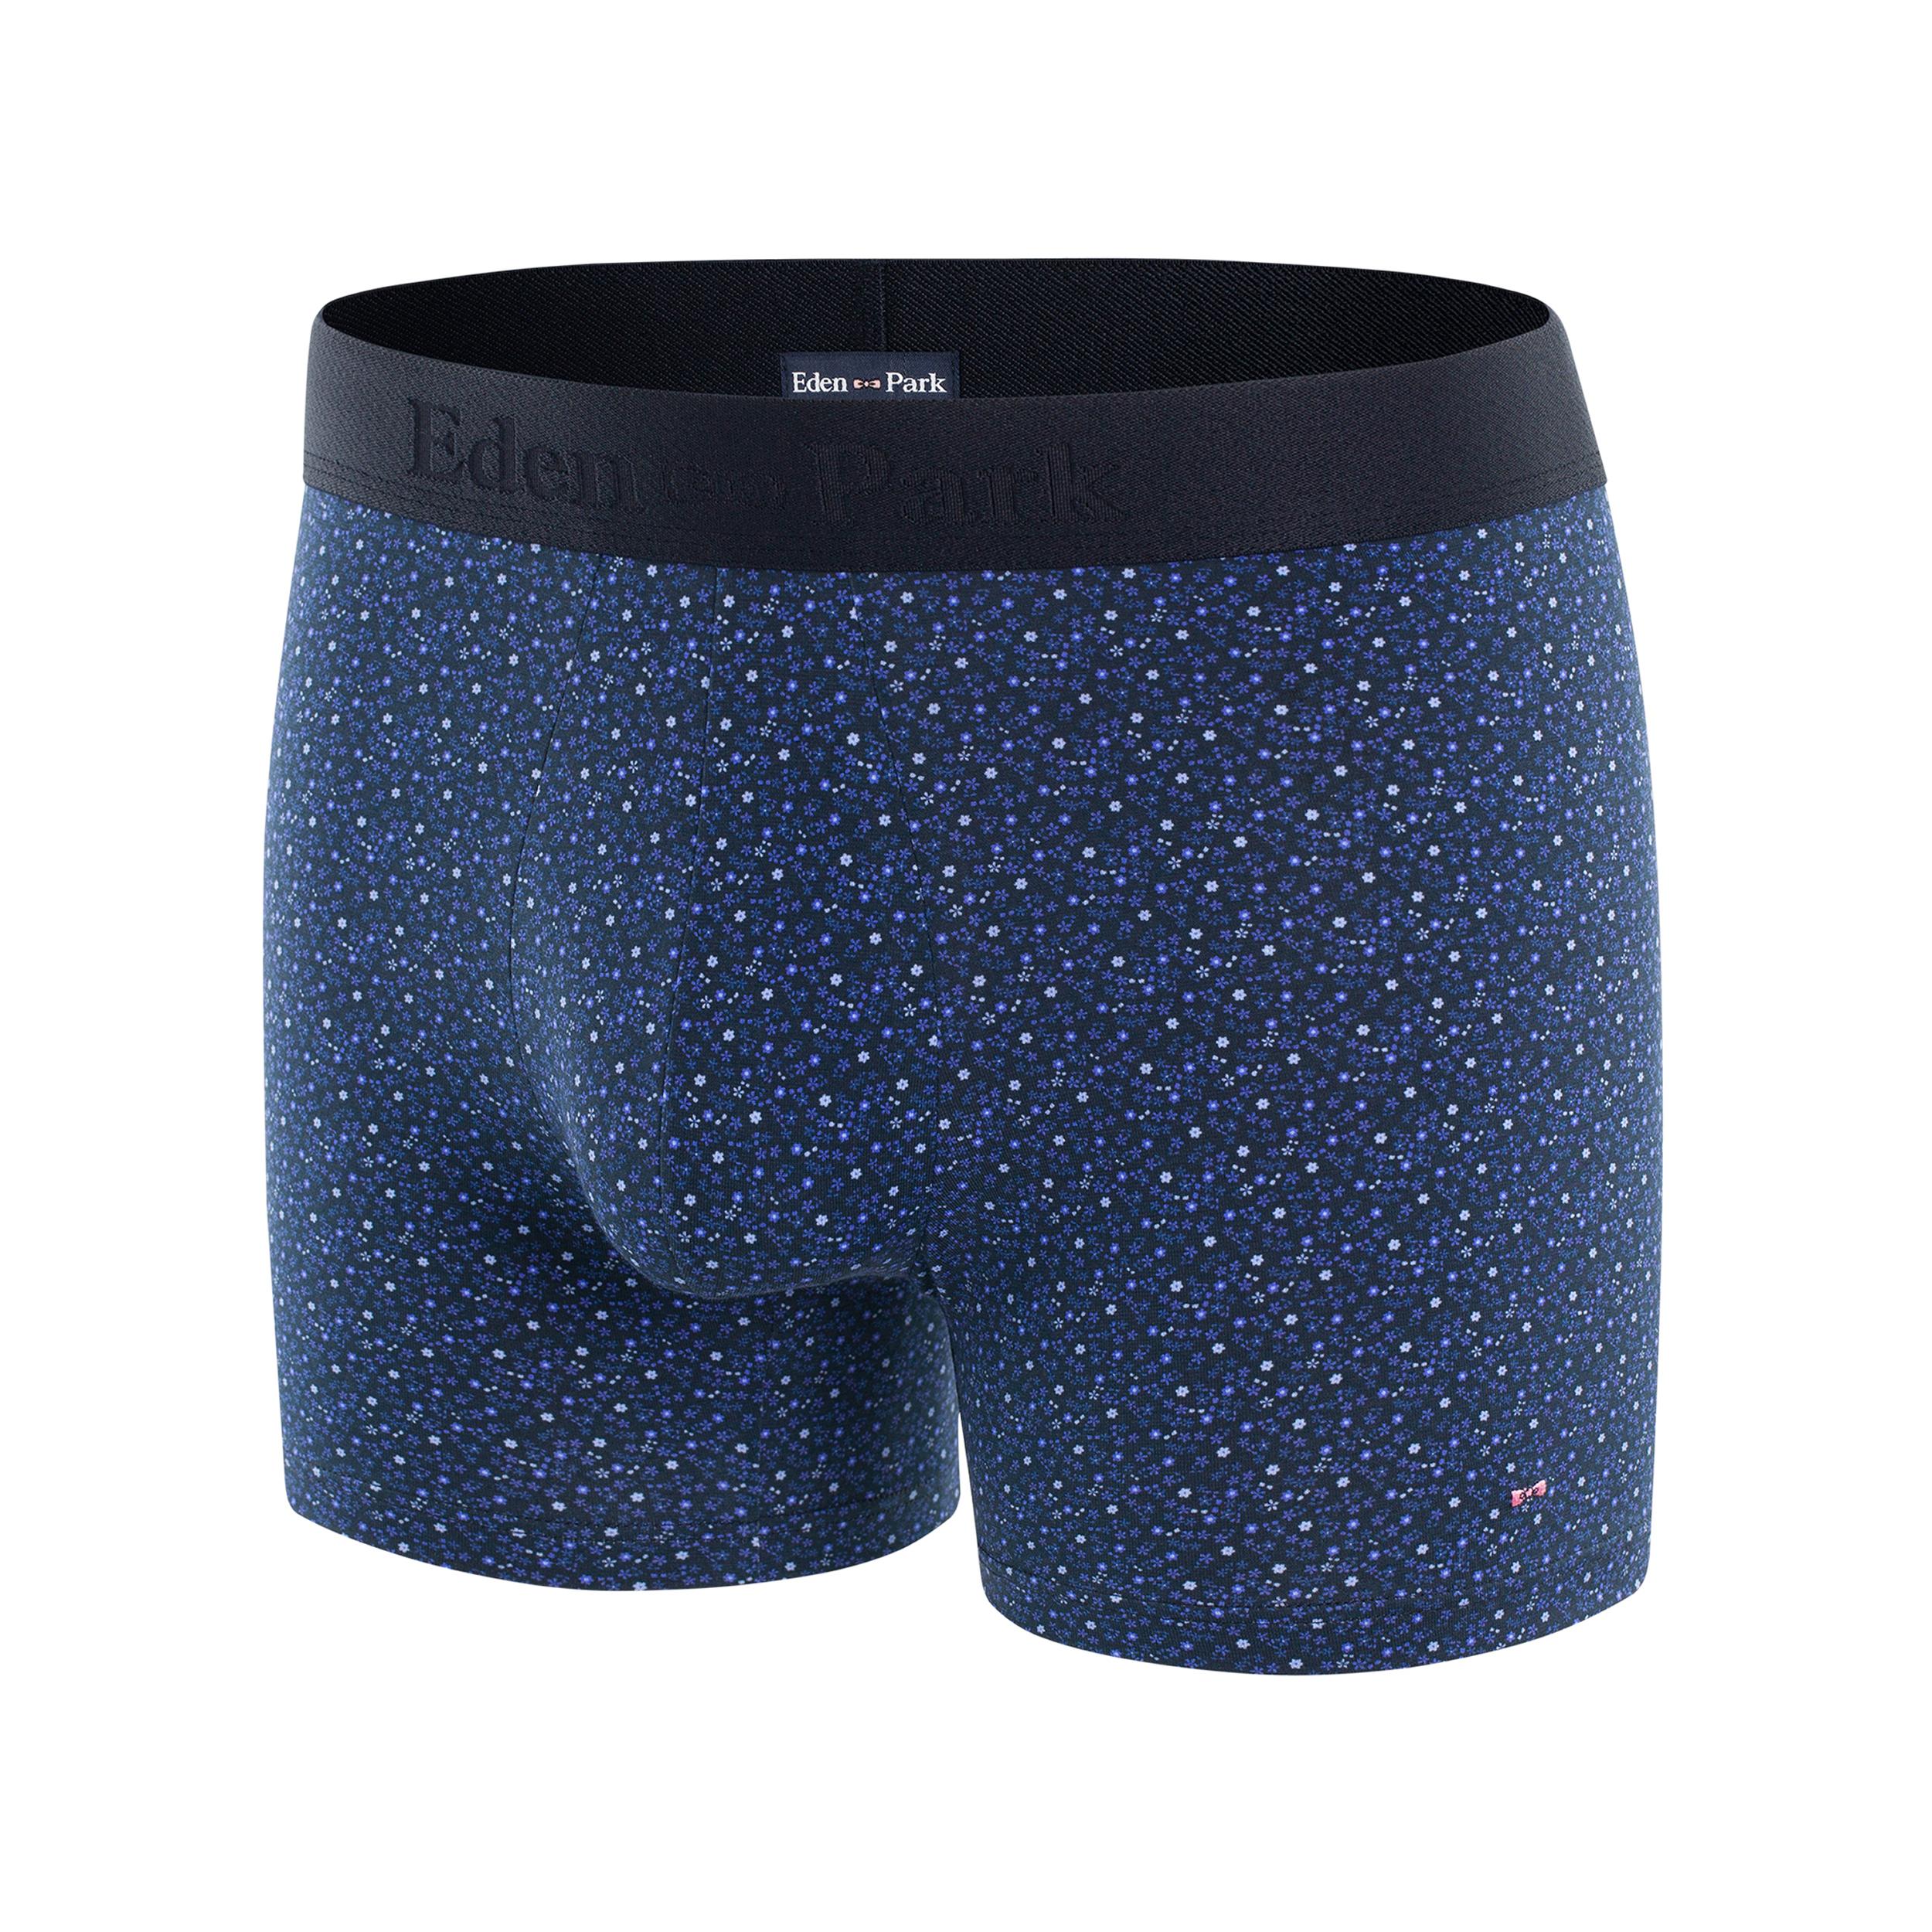 Boxer eden park en coton stretch bleu marine à motifs fleuris